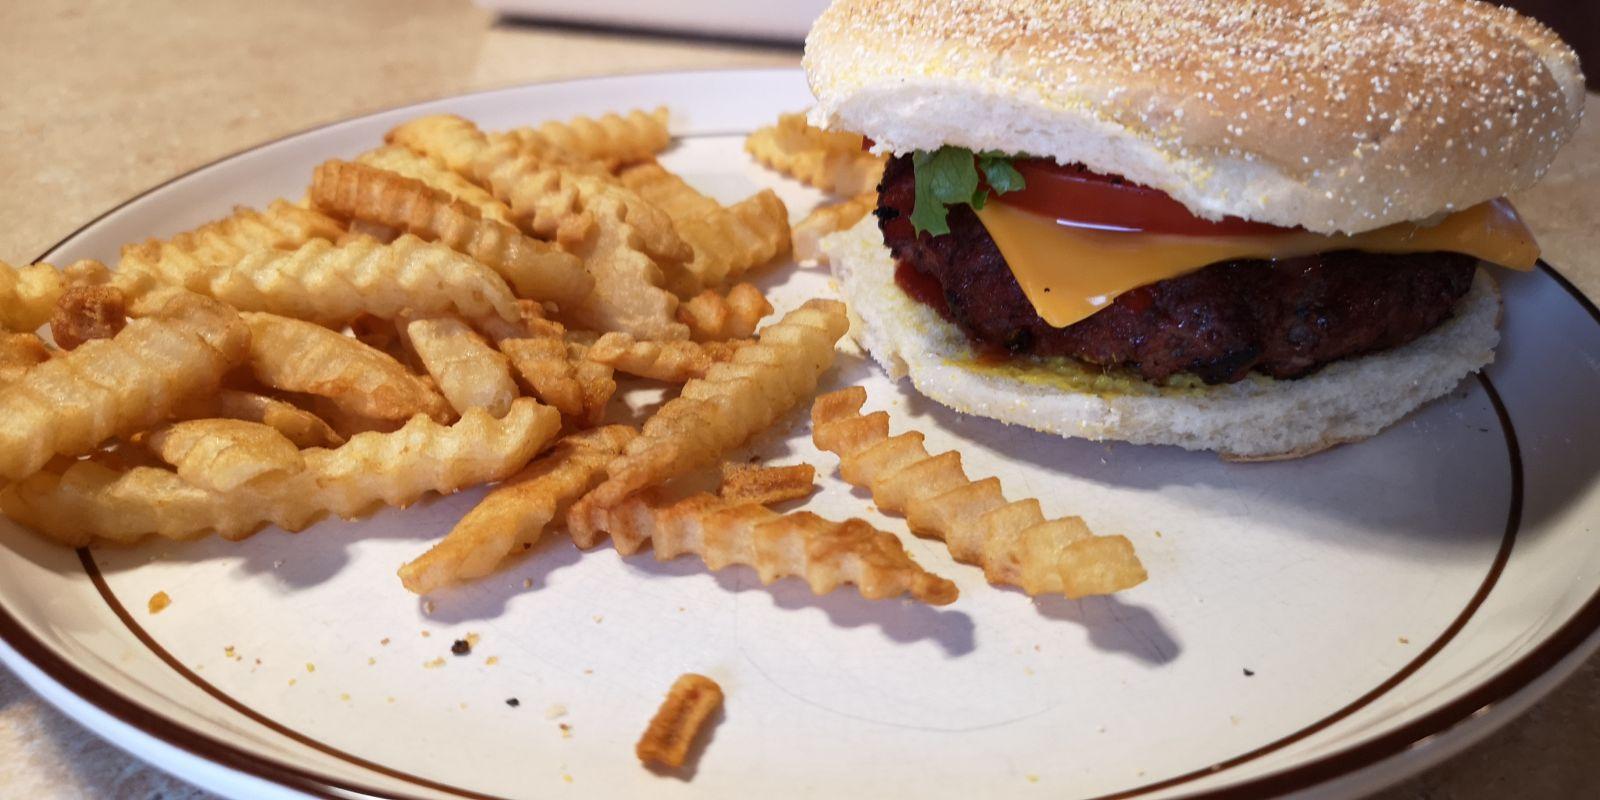 Comment faire un Hamburger au fromage avec une boulette juteuse et délicieuse pour moins de 2,50 $